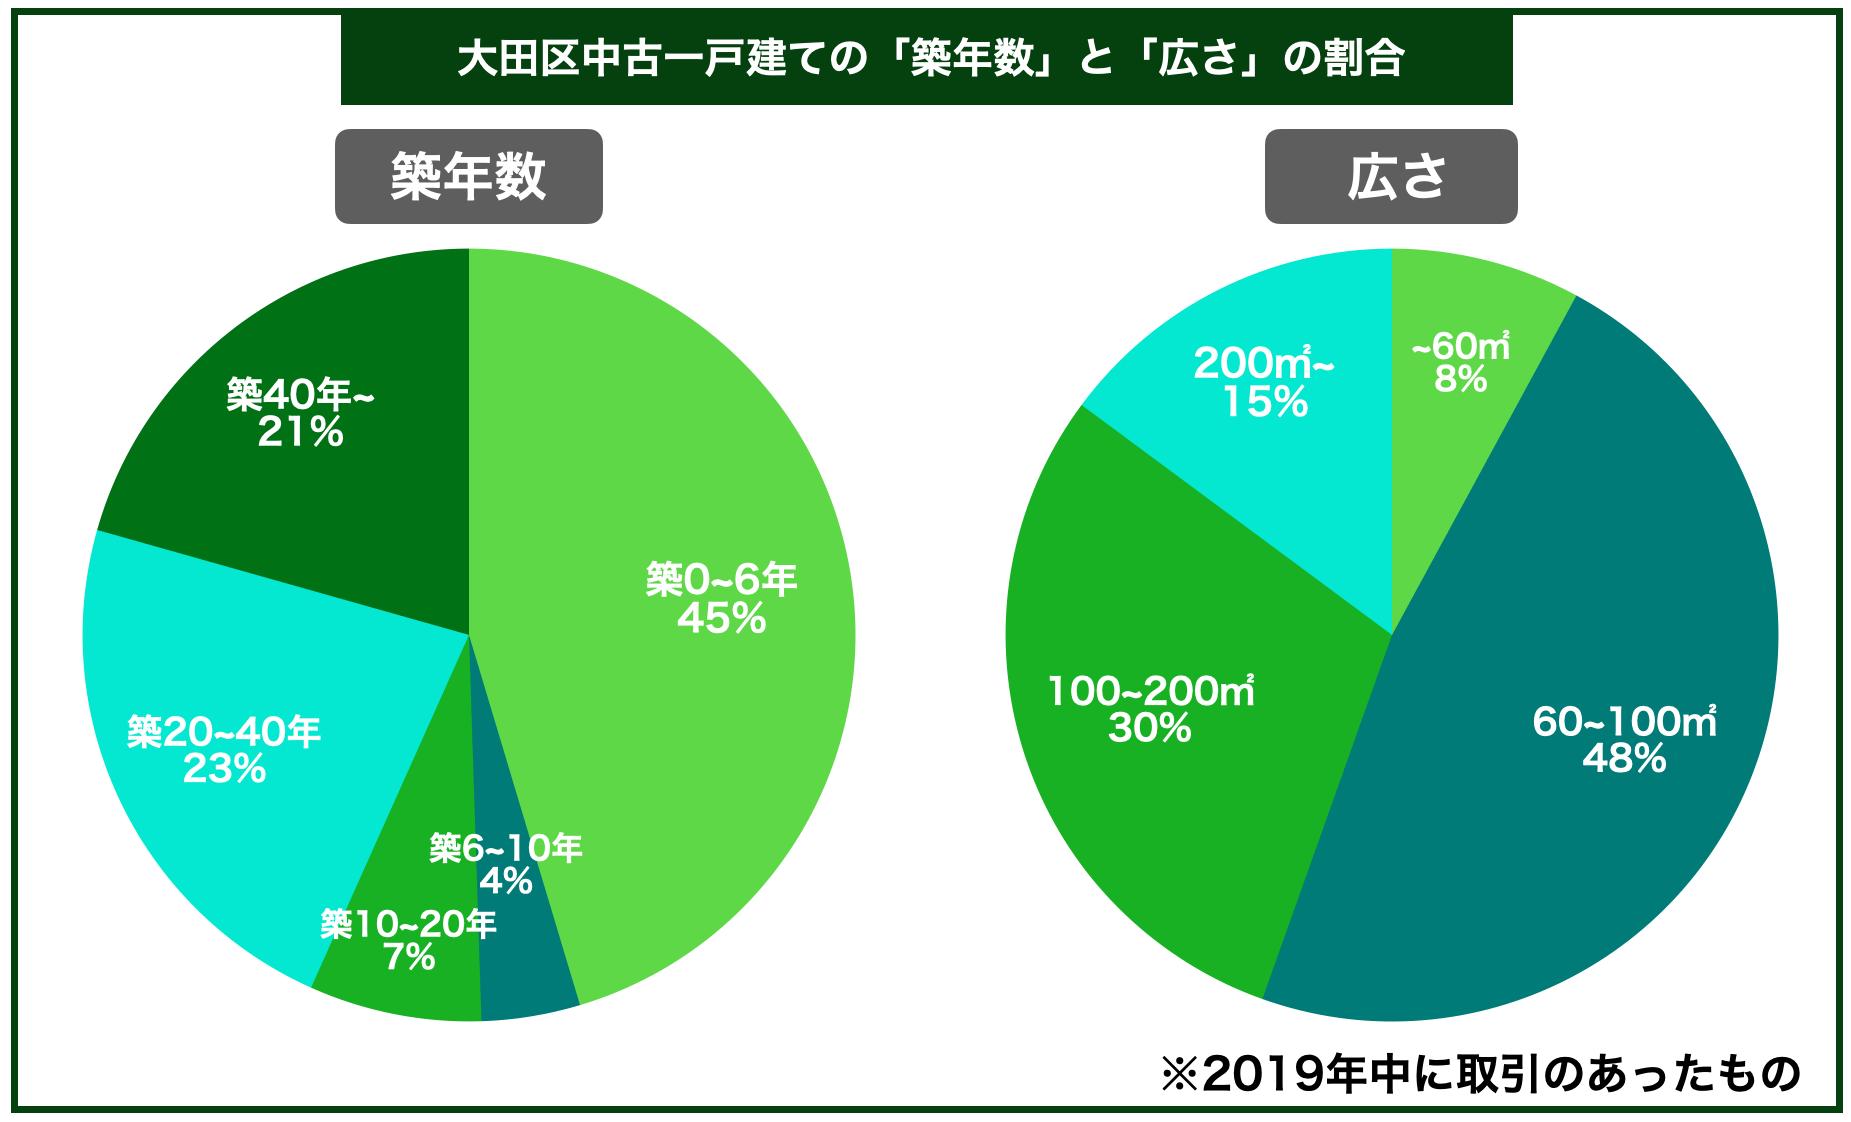 大田区中古一戸建ての平均築年数と広さの割合